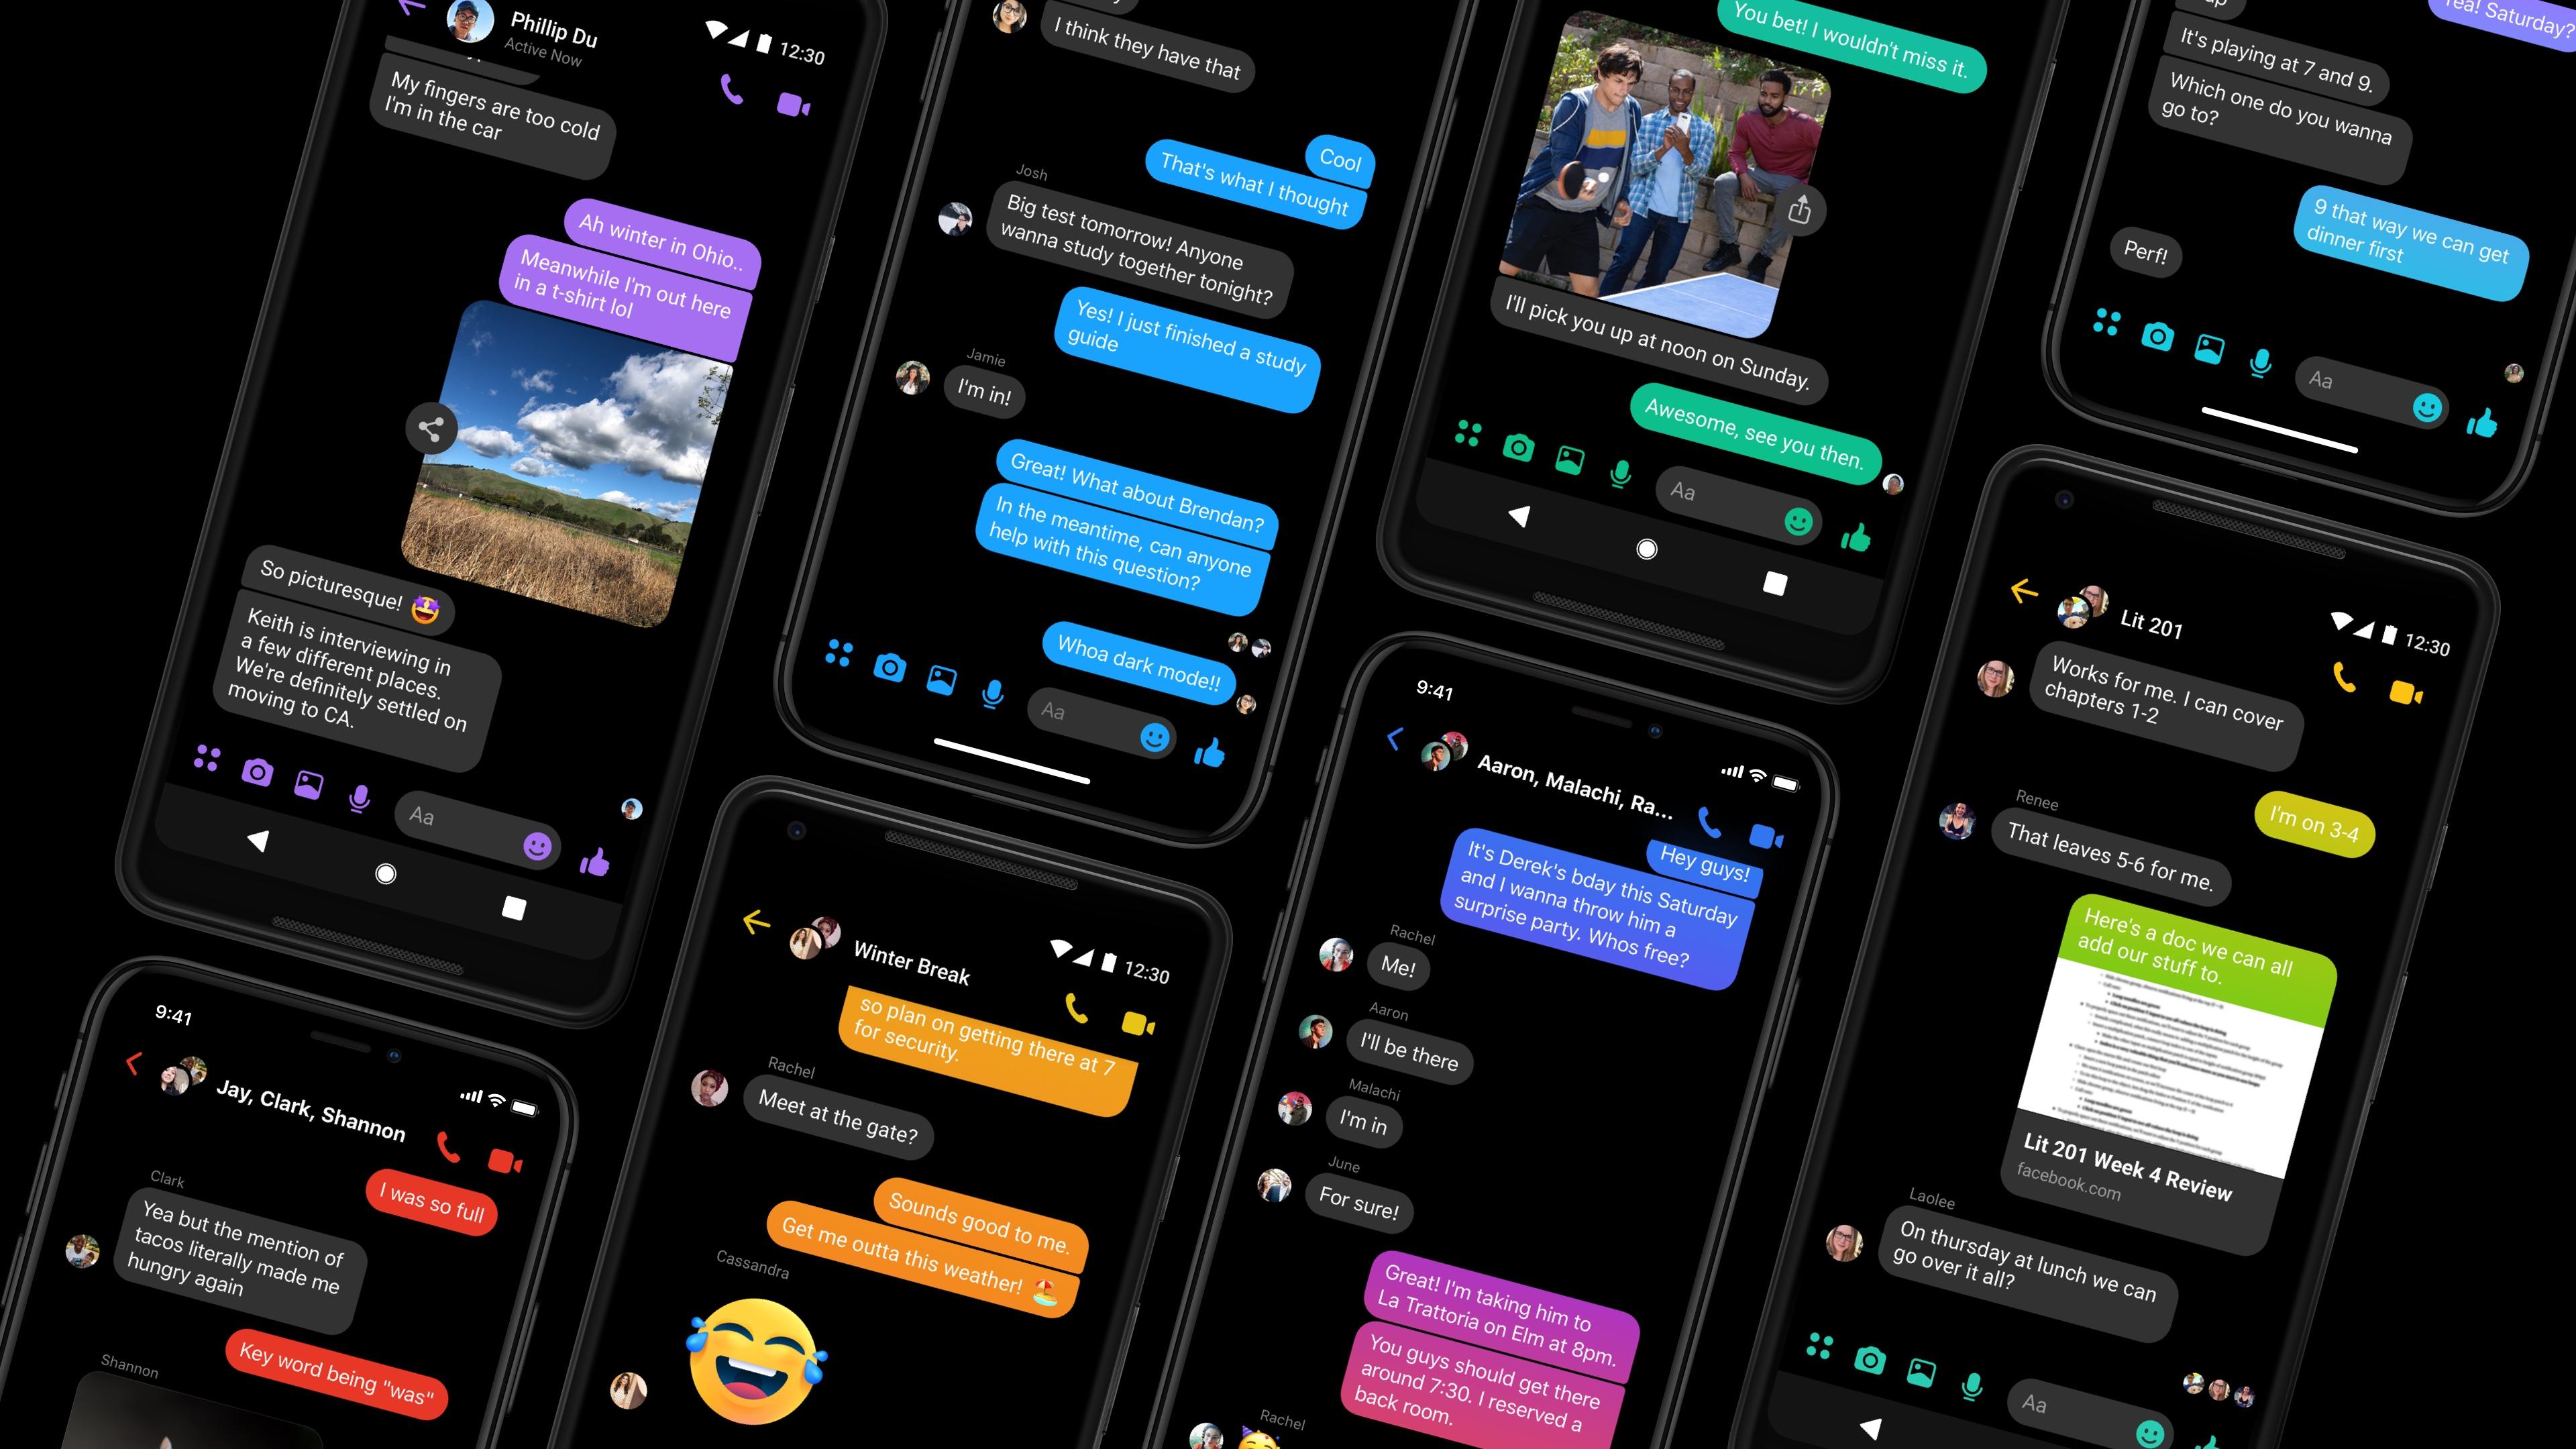 فيسبوك تُؤكد قدوم الوضع المُظلم لجميع مستخدمي ماسنجر خلال الأسابيع المقبلة